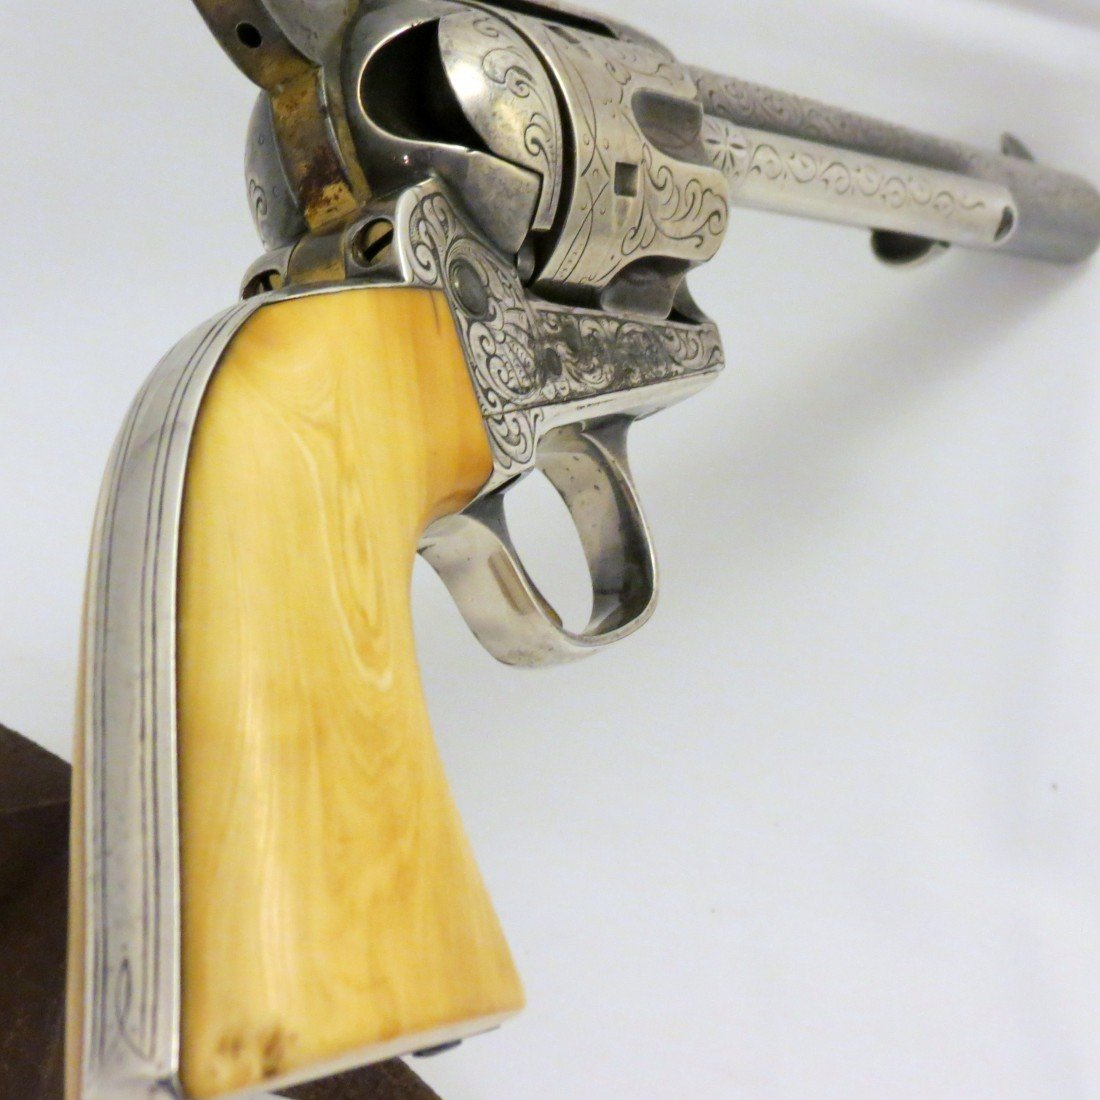 124: Collector Firearms